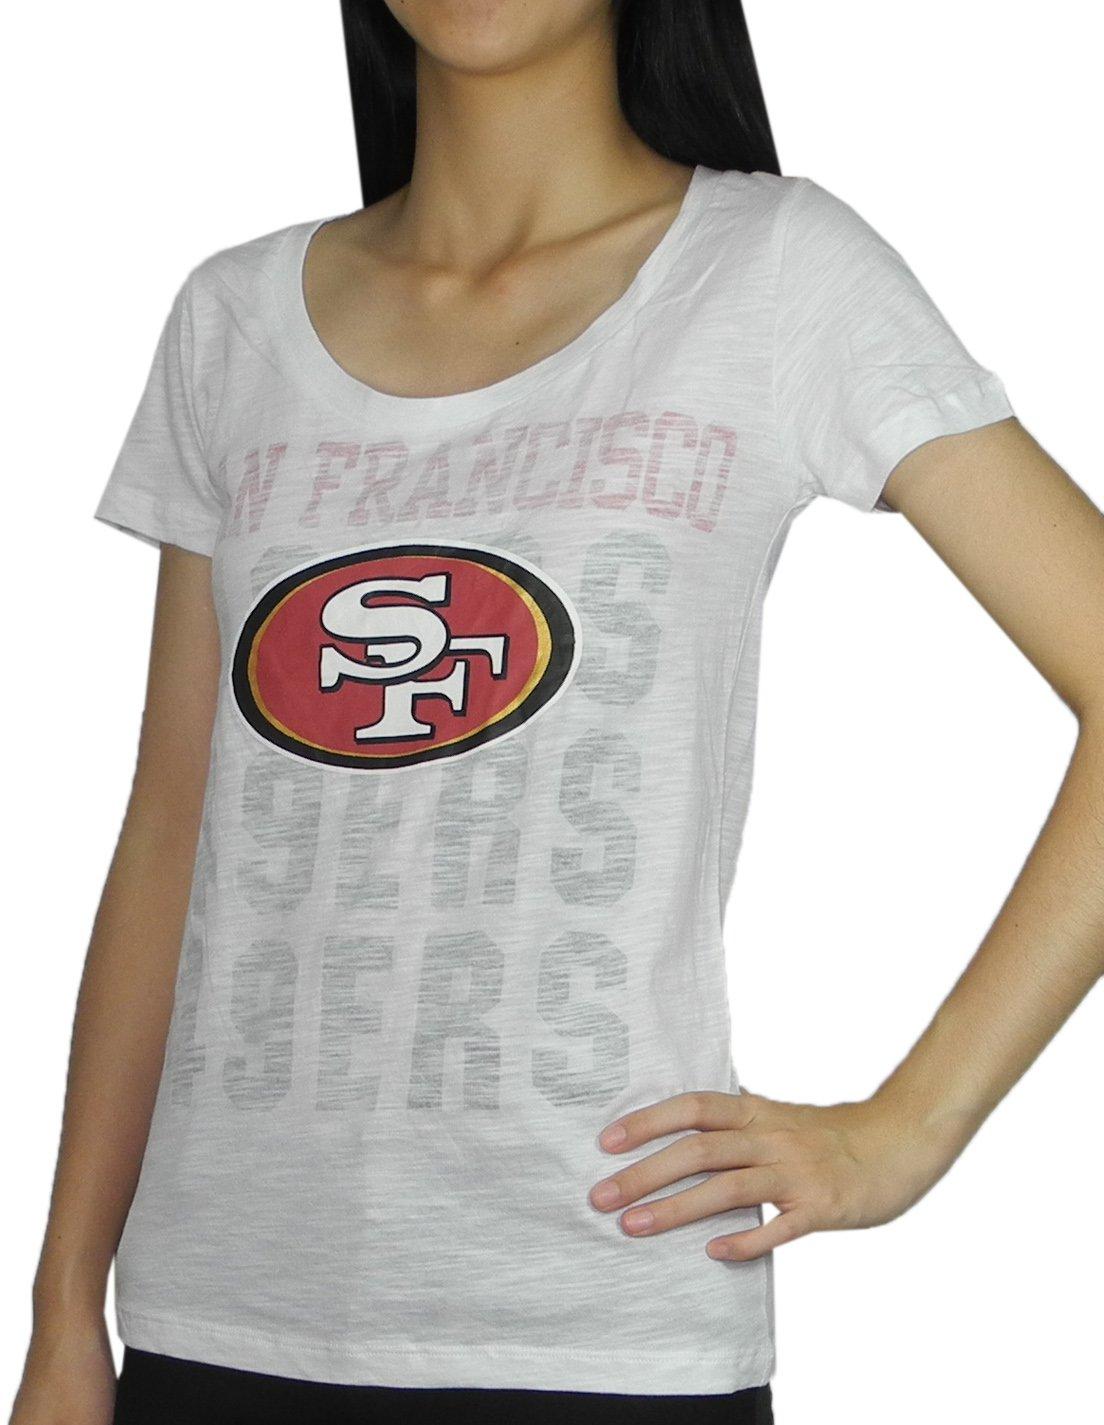 3131d5c3c Amazon.com  Pink Victoria s Secret Womens SAN FRANCISCO 49ERS Crew-Neck T  Shirt L White  Sports   Outdoors